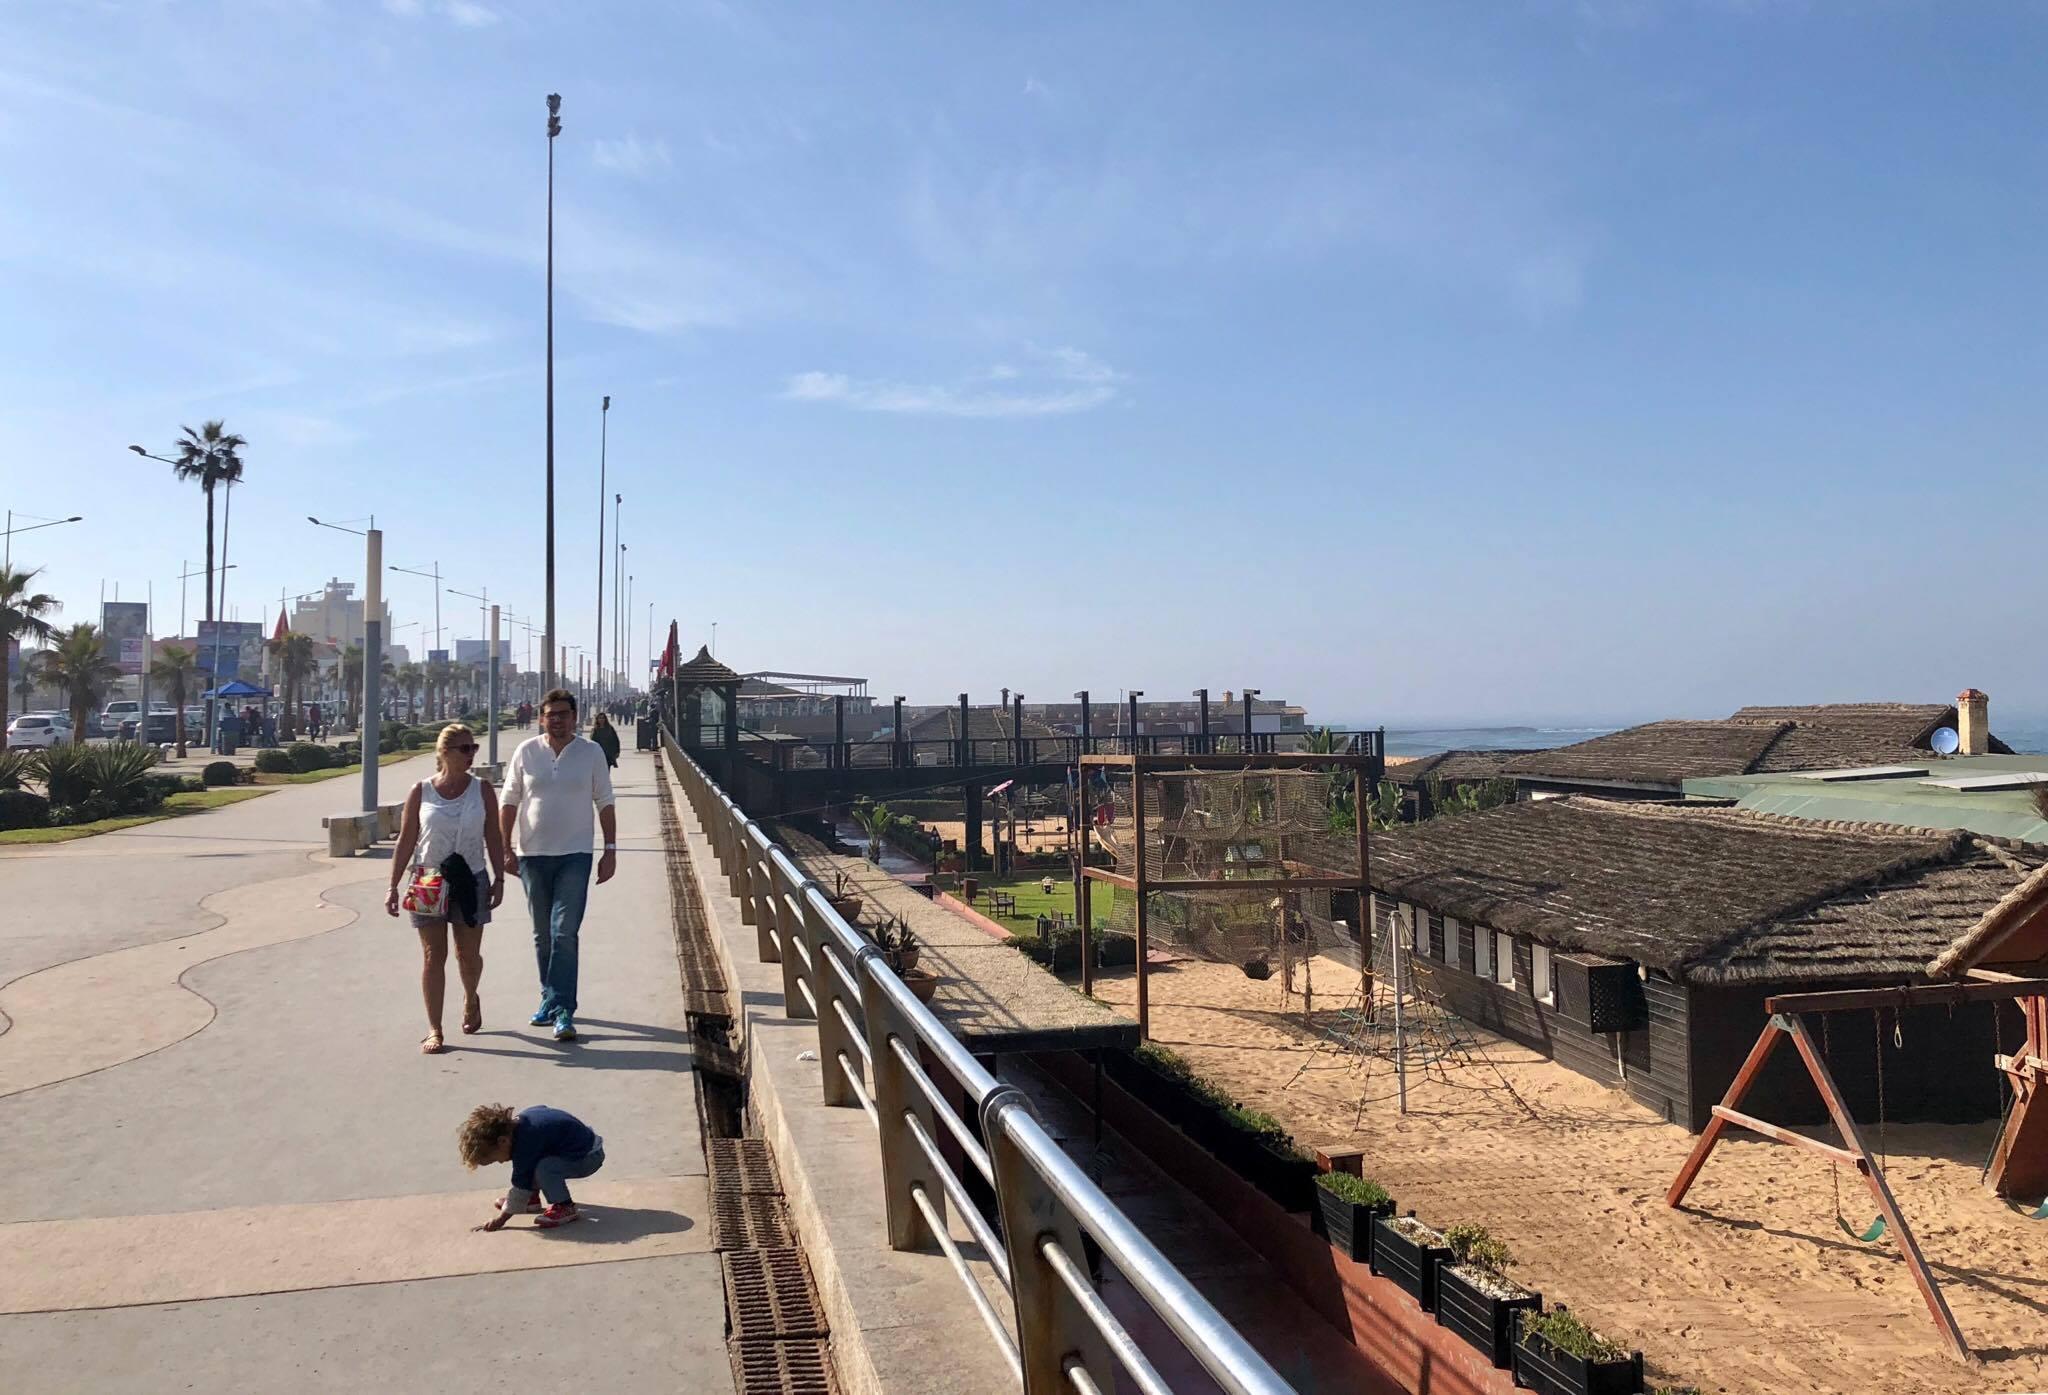 La Corniche - the main Boardwalk